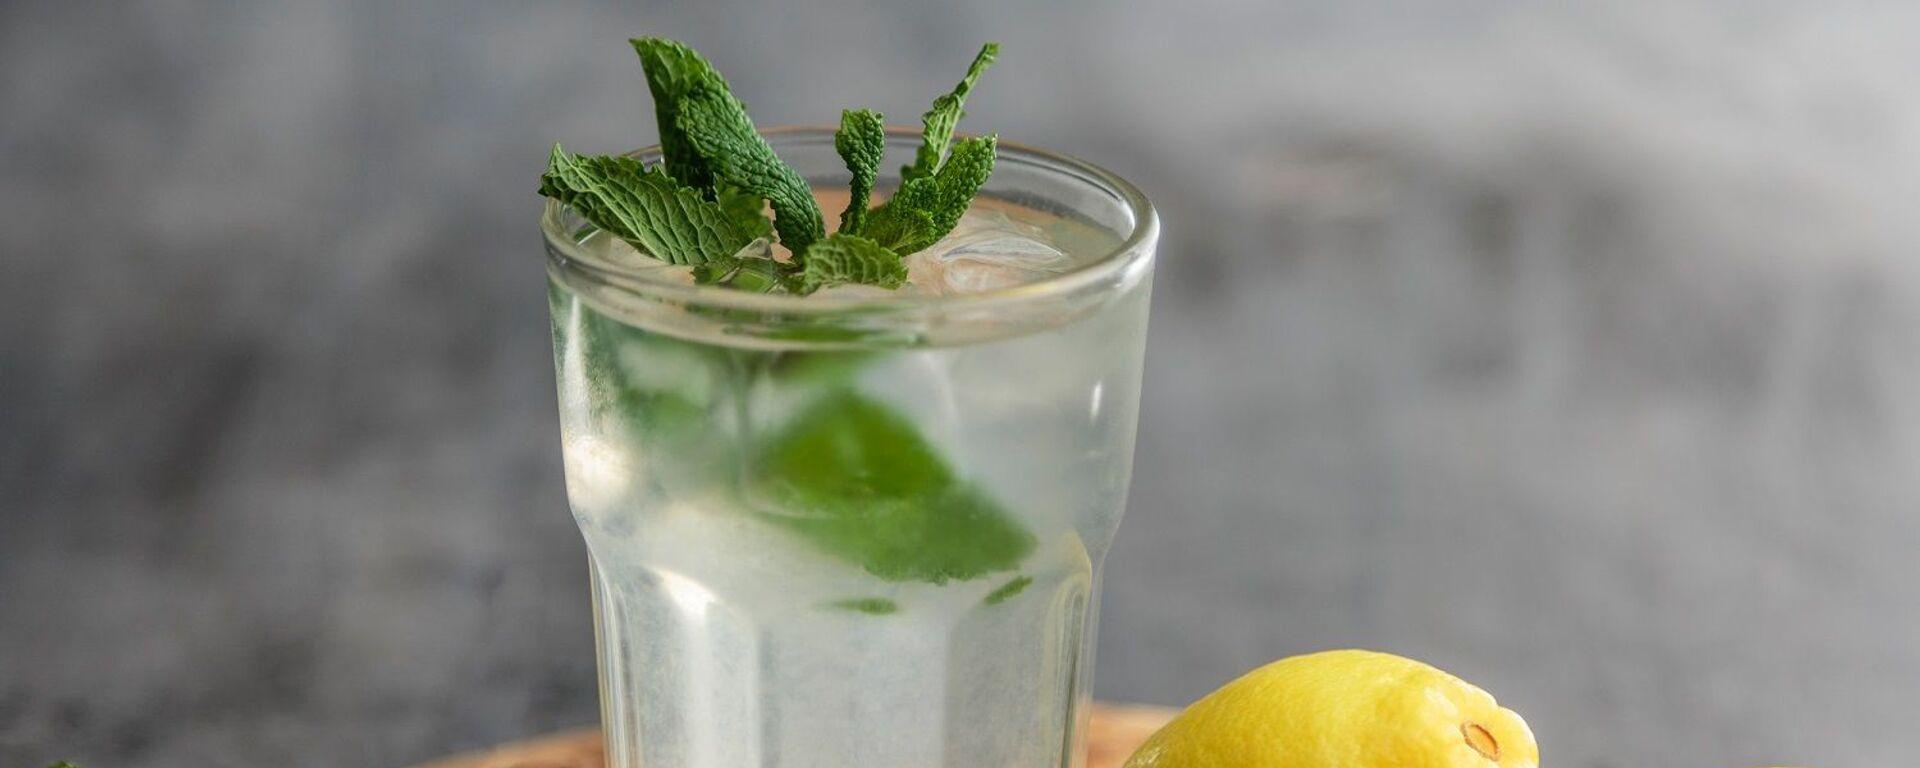 Agua con limón - Sputnik Mundo, 1920, 12.08.2020